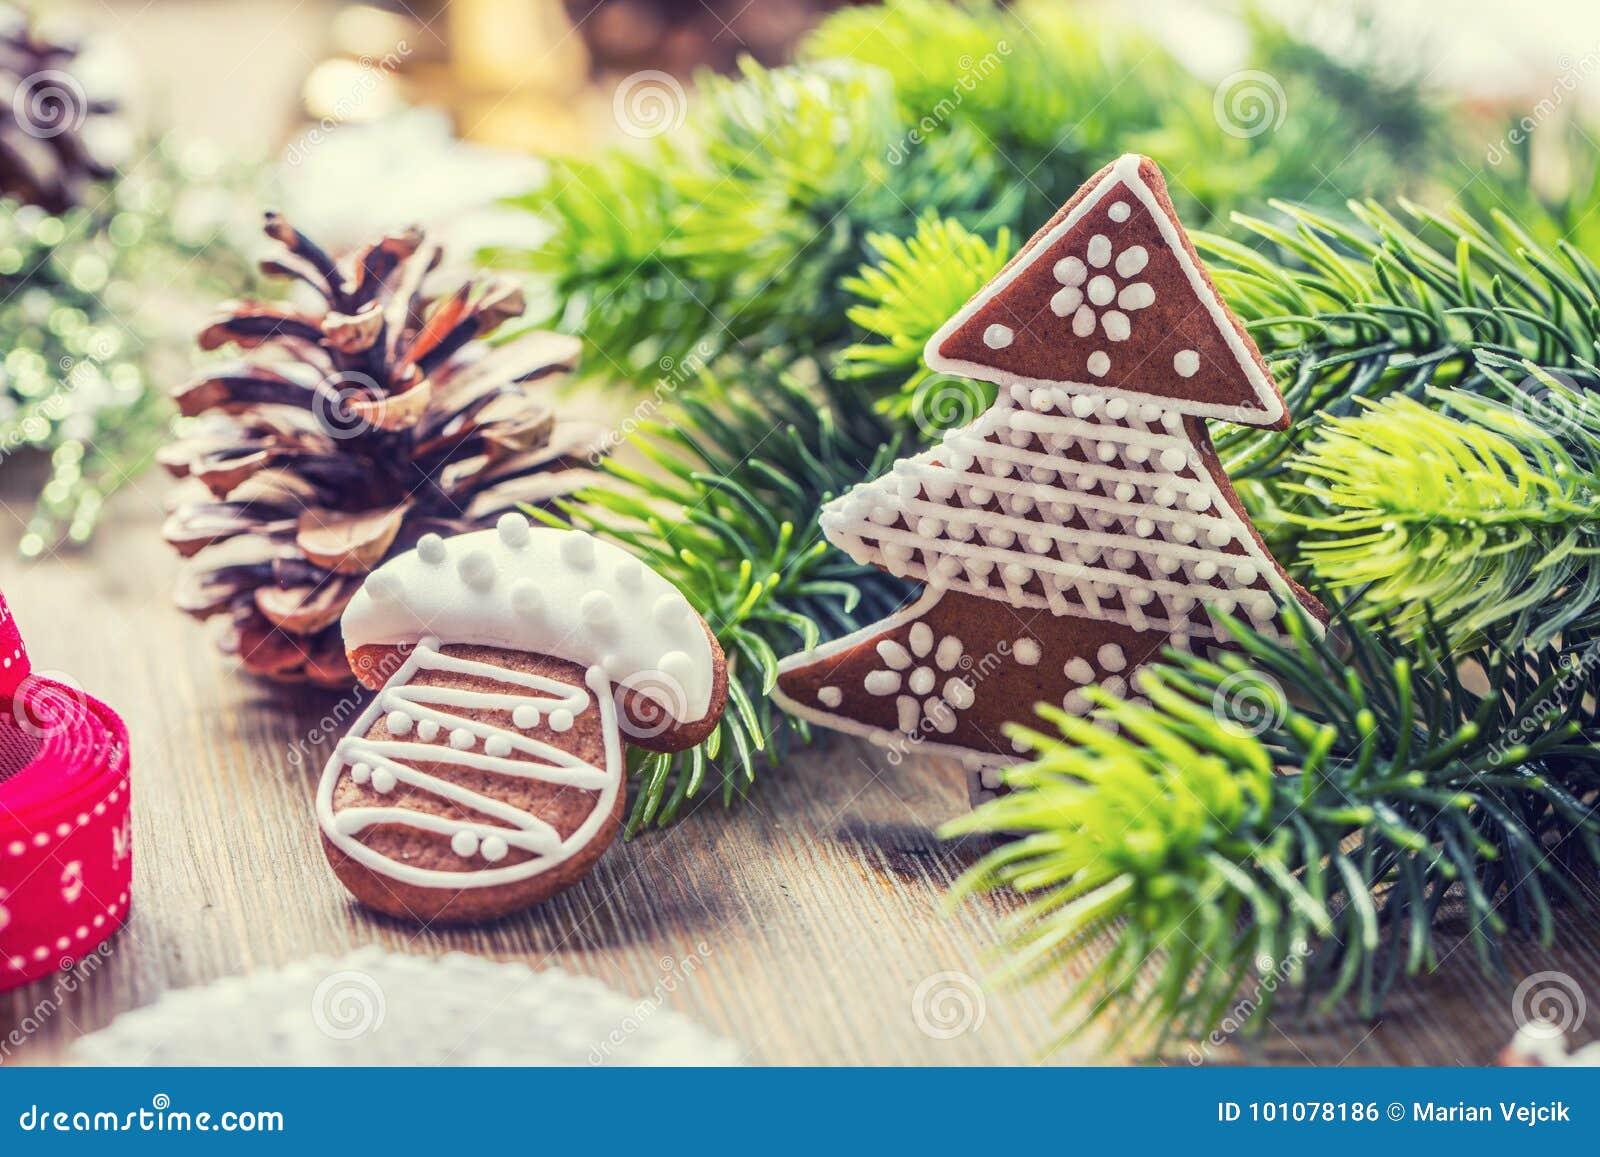 Jul Pepparkakan för julbollbakelse sörjer kotten och garnering bakgrundsjulen stänger upp röd tid